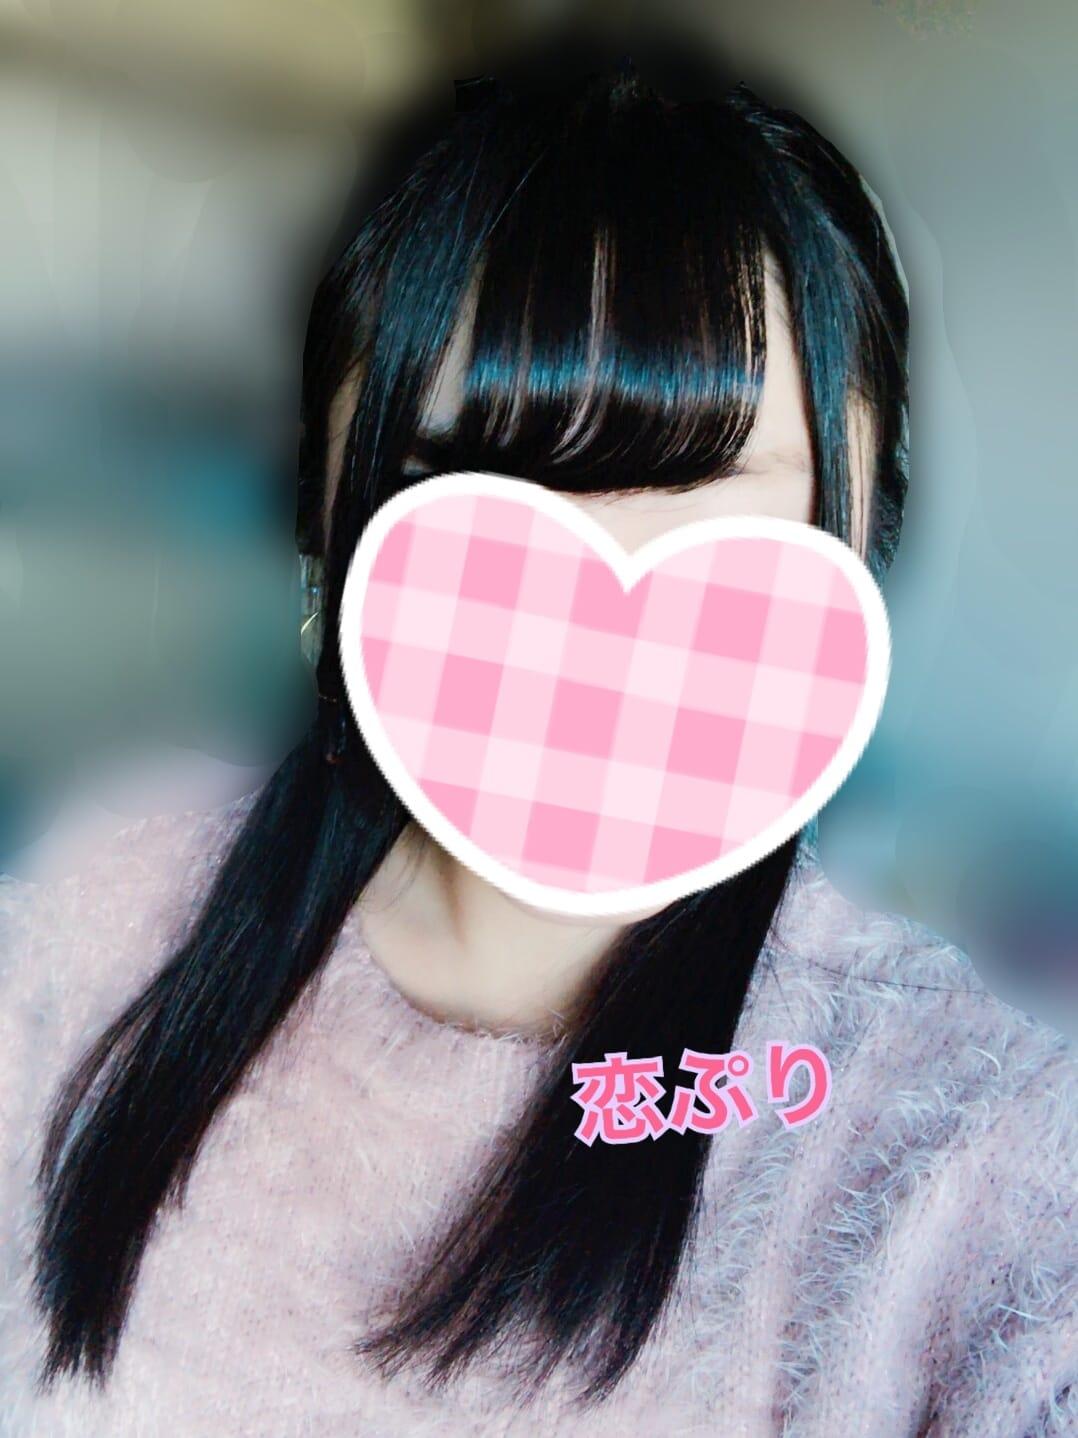 そら「復活!!!」01/08(月) 14:58 | そらの写メ・風俗動画